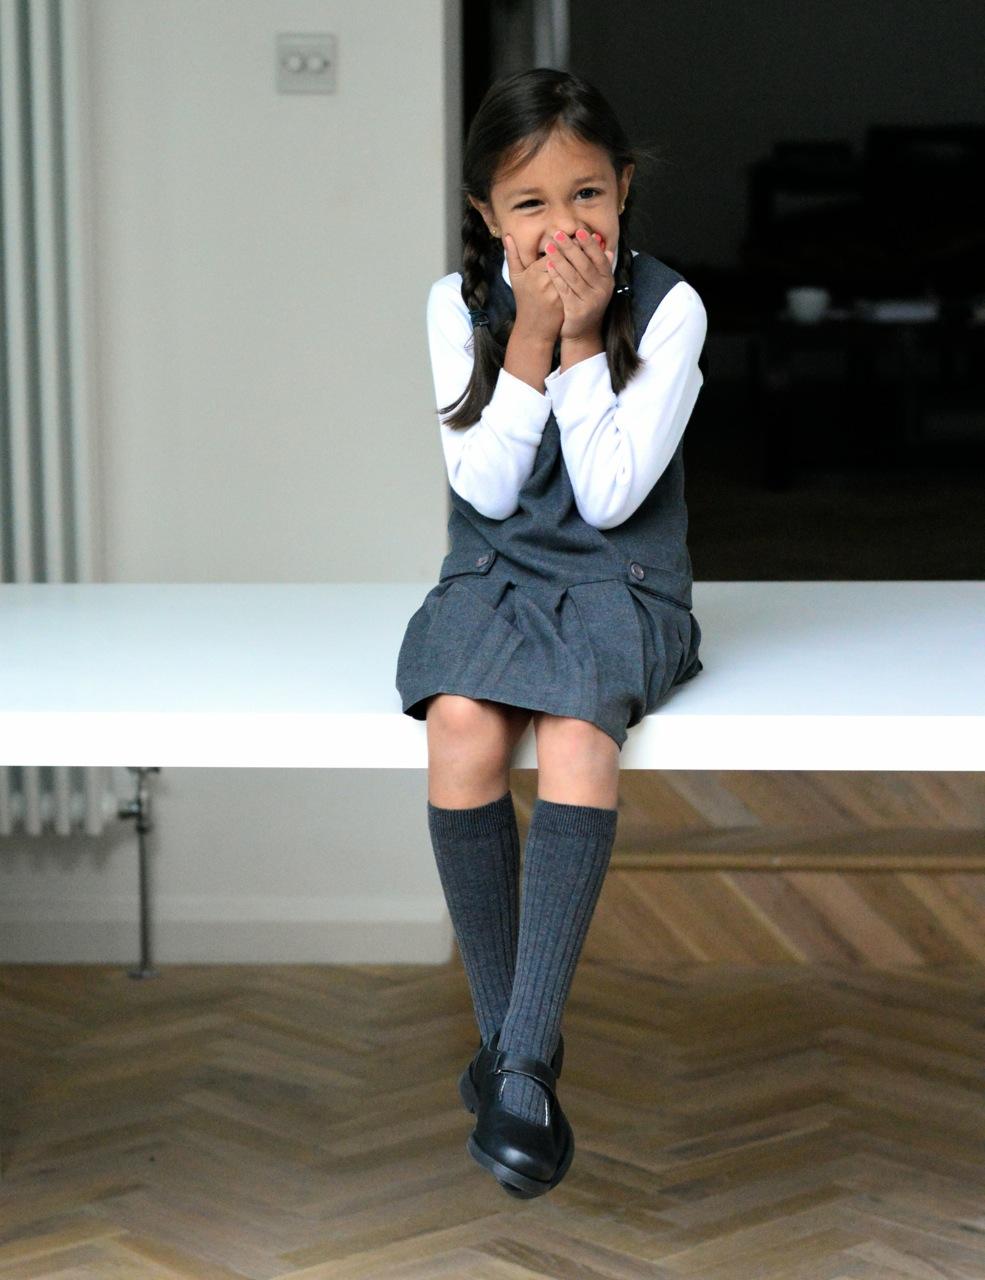 black mary jane school shoe online